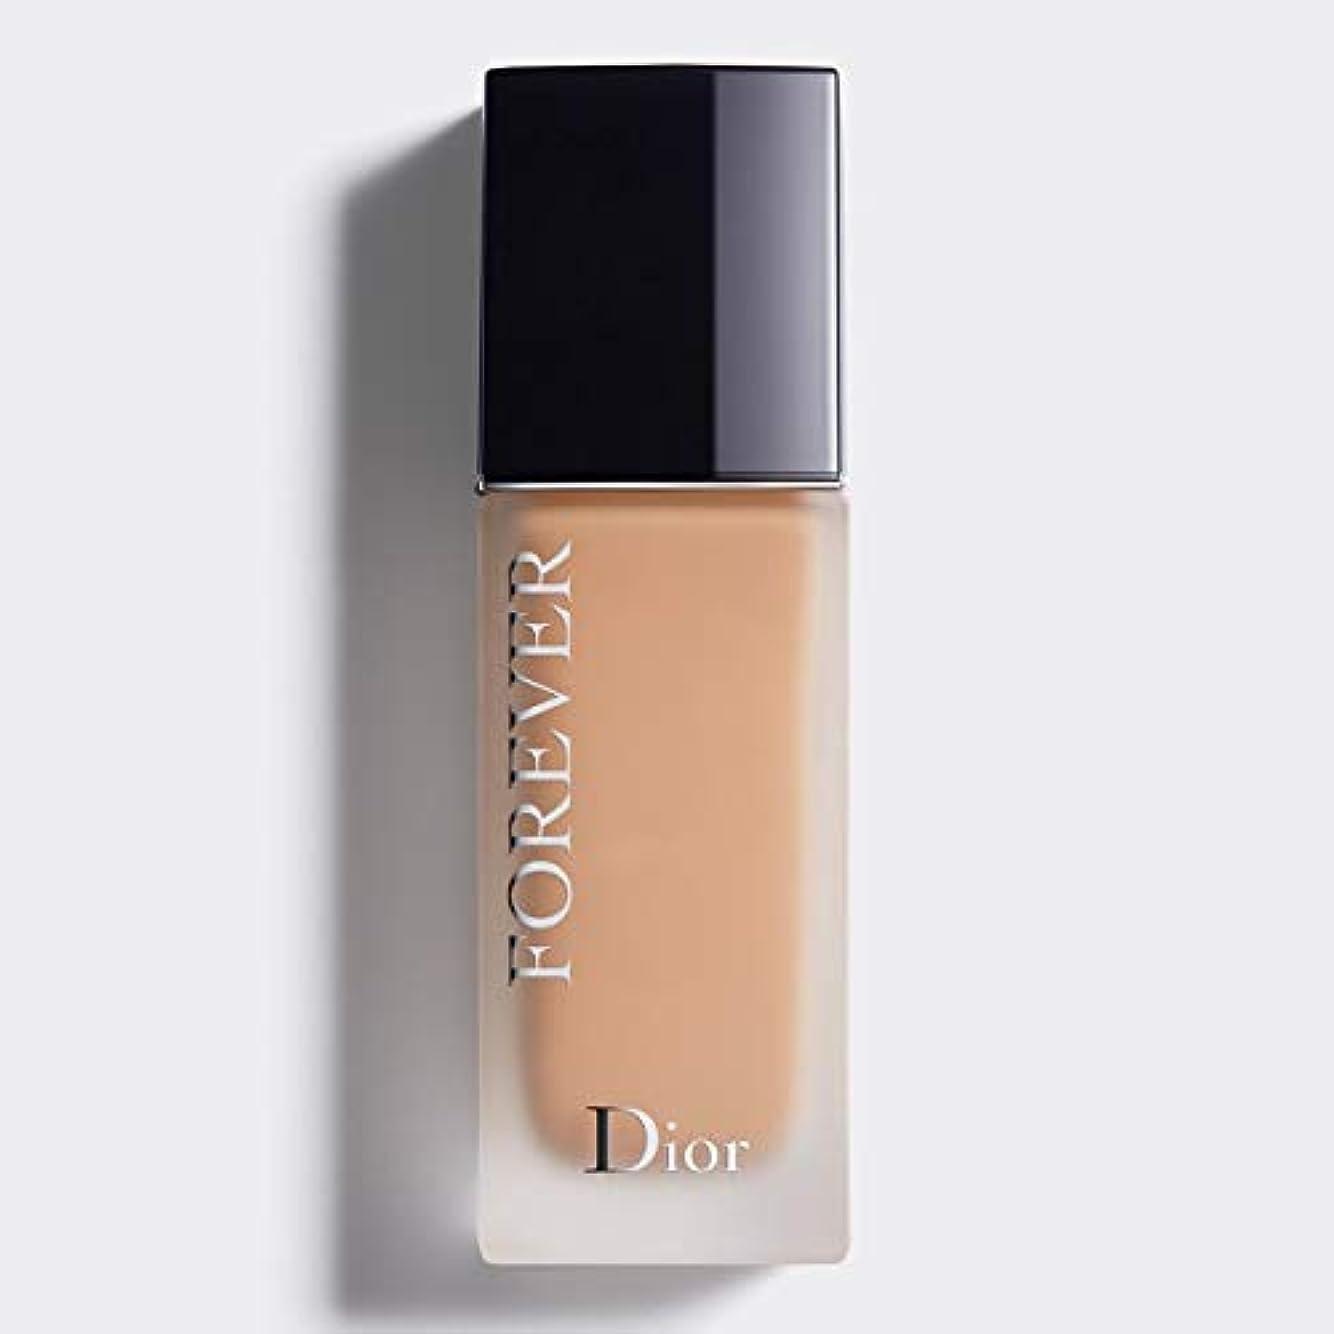 レンダー玉追い越すクリスチャンディオール Dior Forever 24H Wear High Perfection Foundation SPF 35 - # 3.5N (Neutral) 30ml/1oz並行輸入品